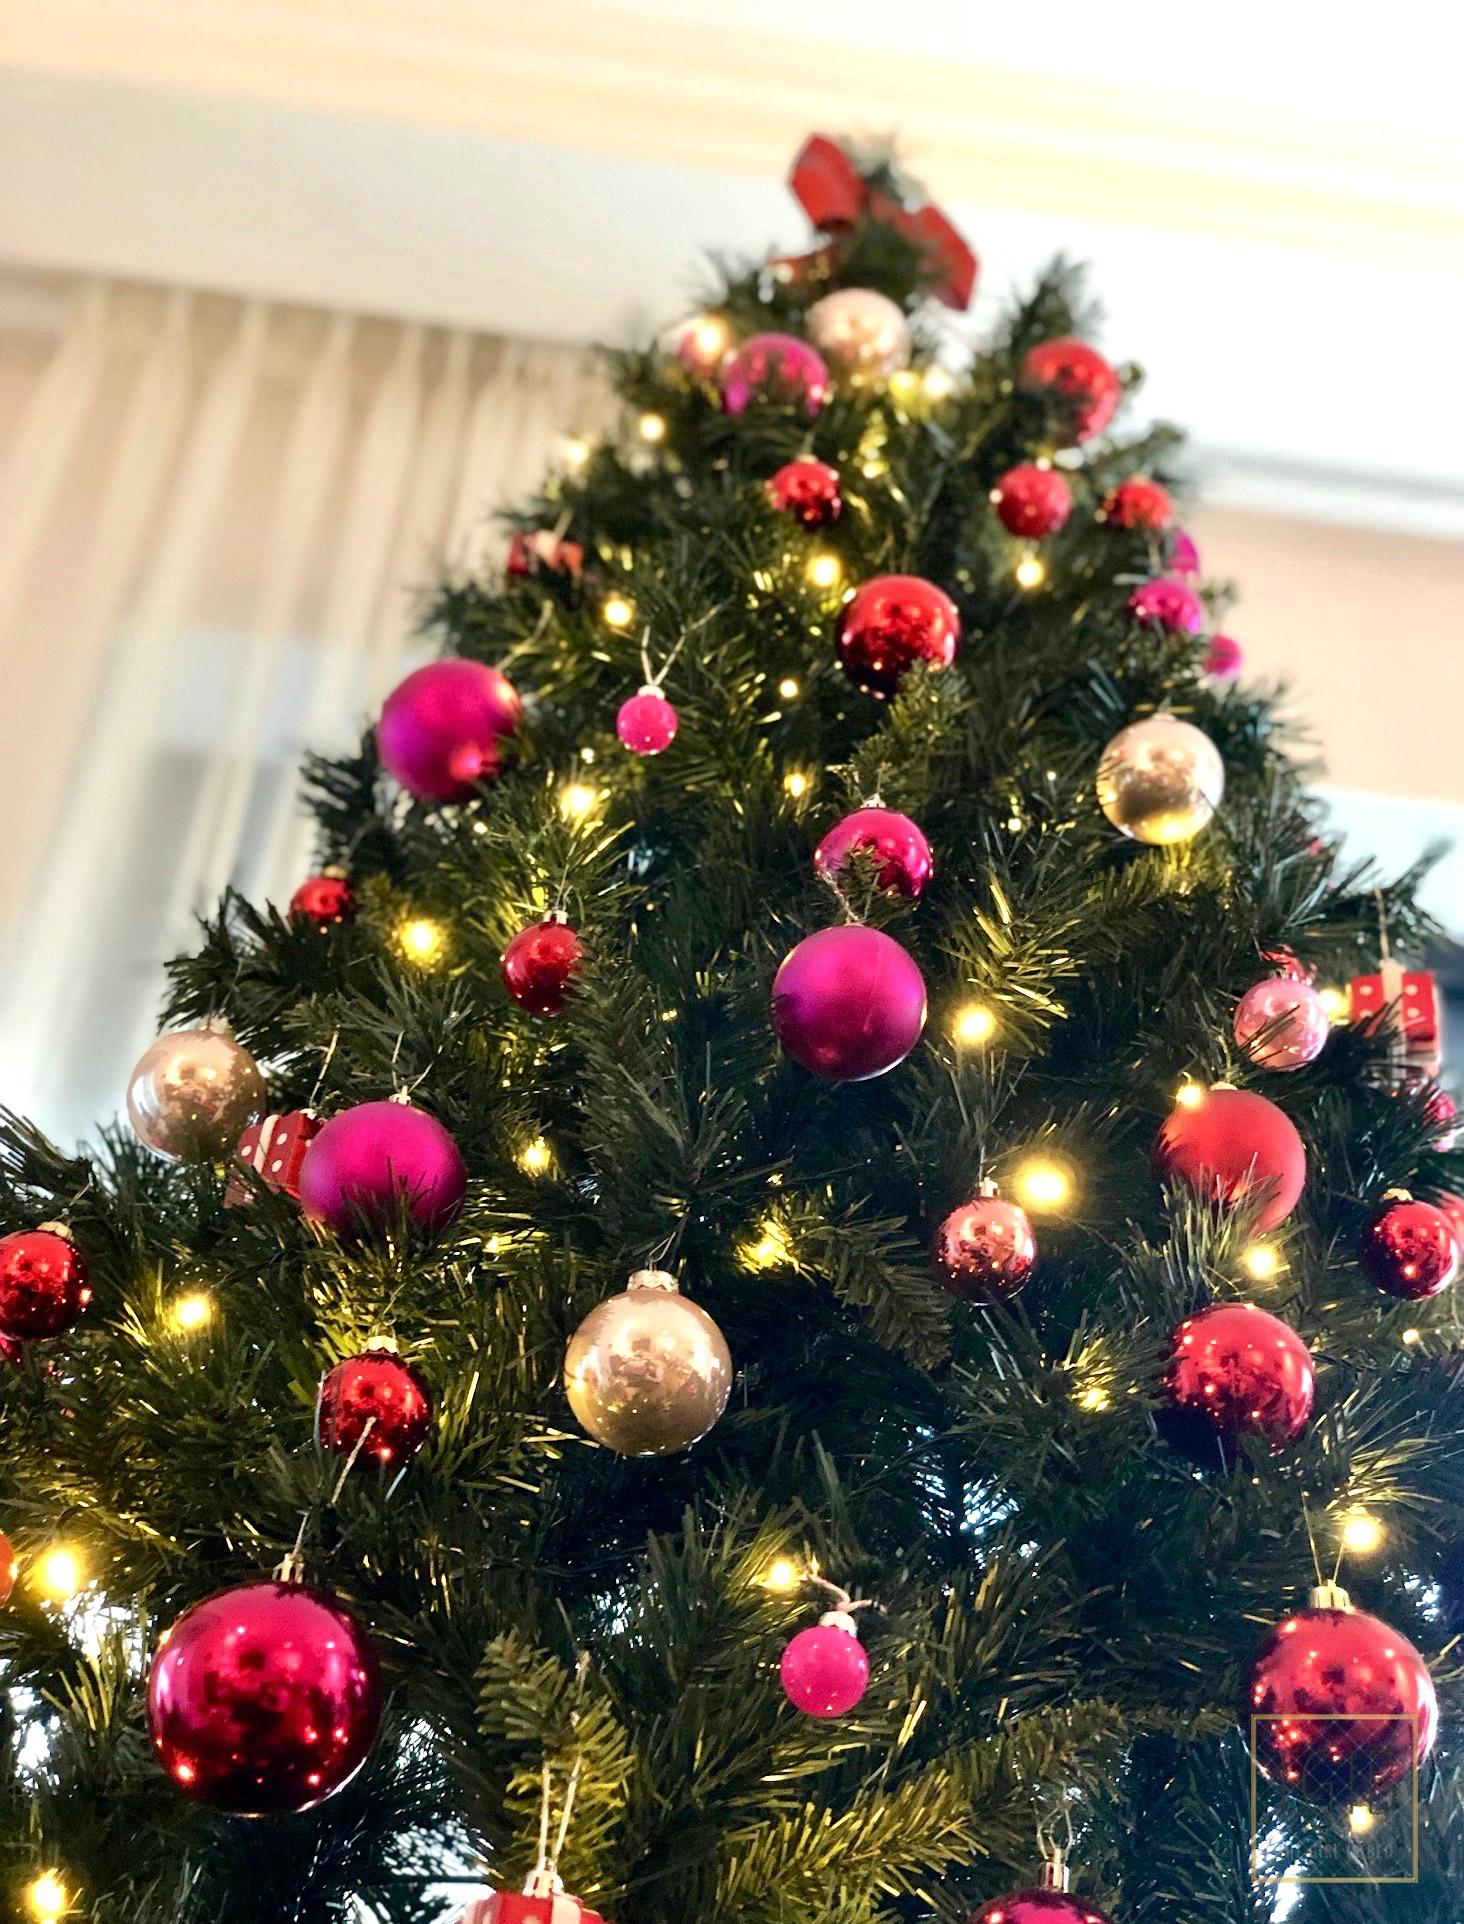 kerstboom met roze en rode kerstballen